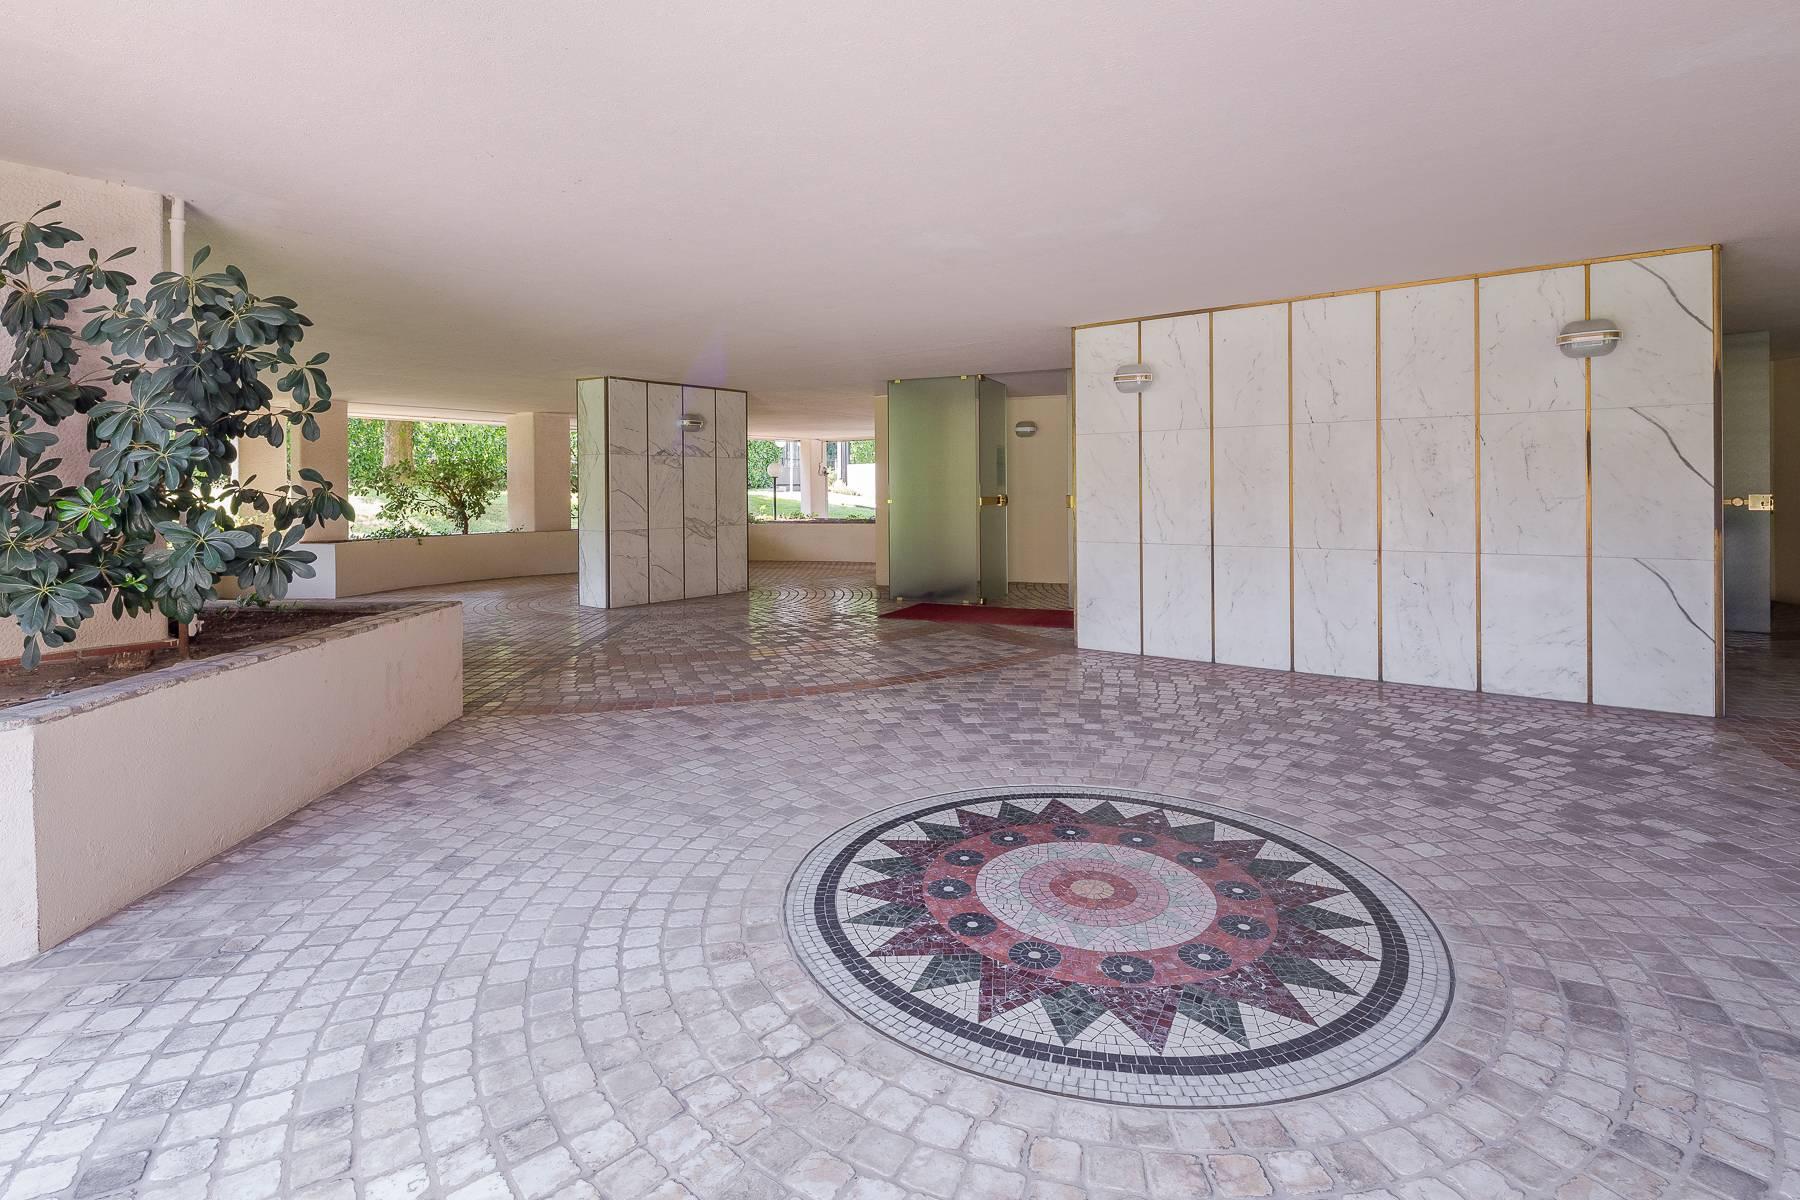 Appartamento in Vendita a Milano: 4 locali, 193 mq - Foto 16